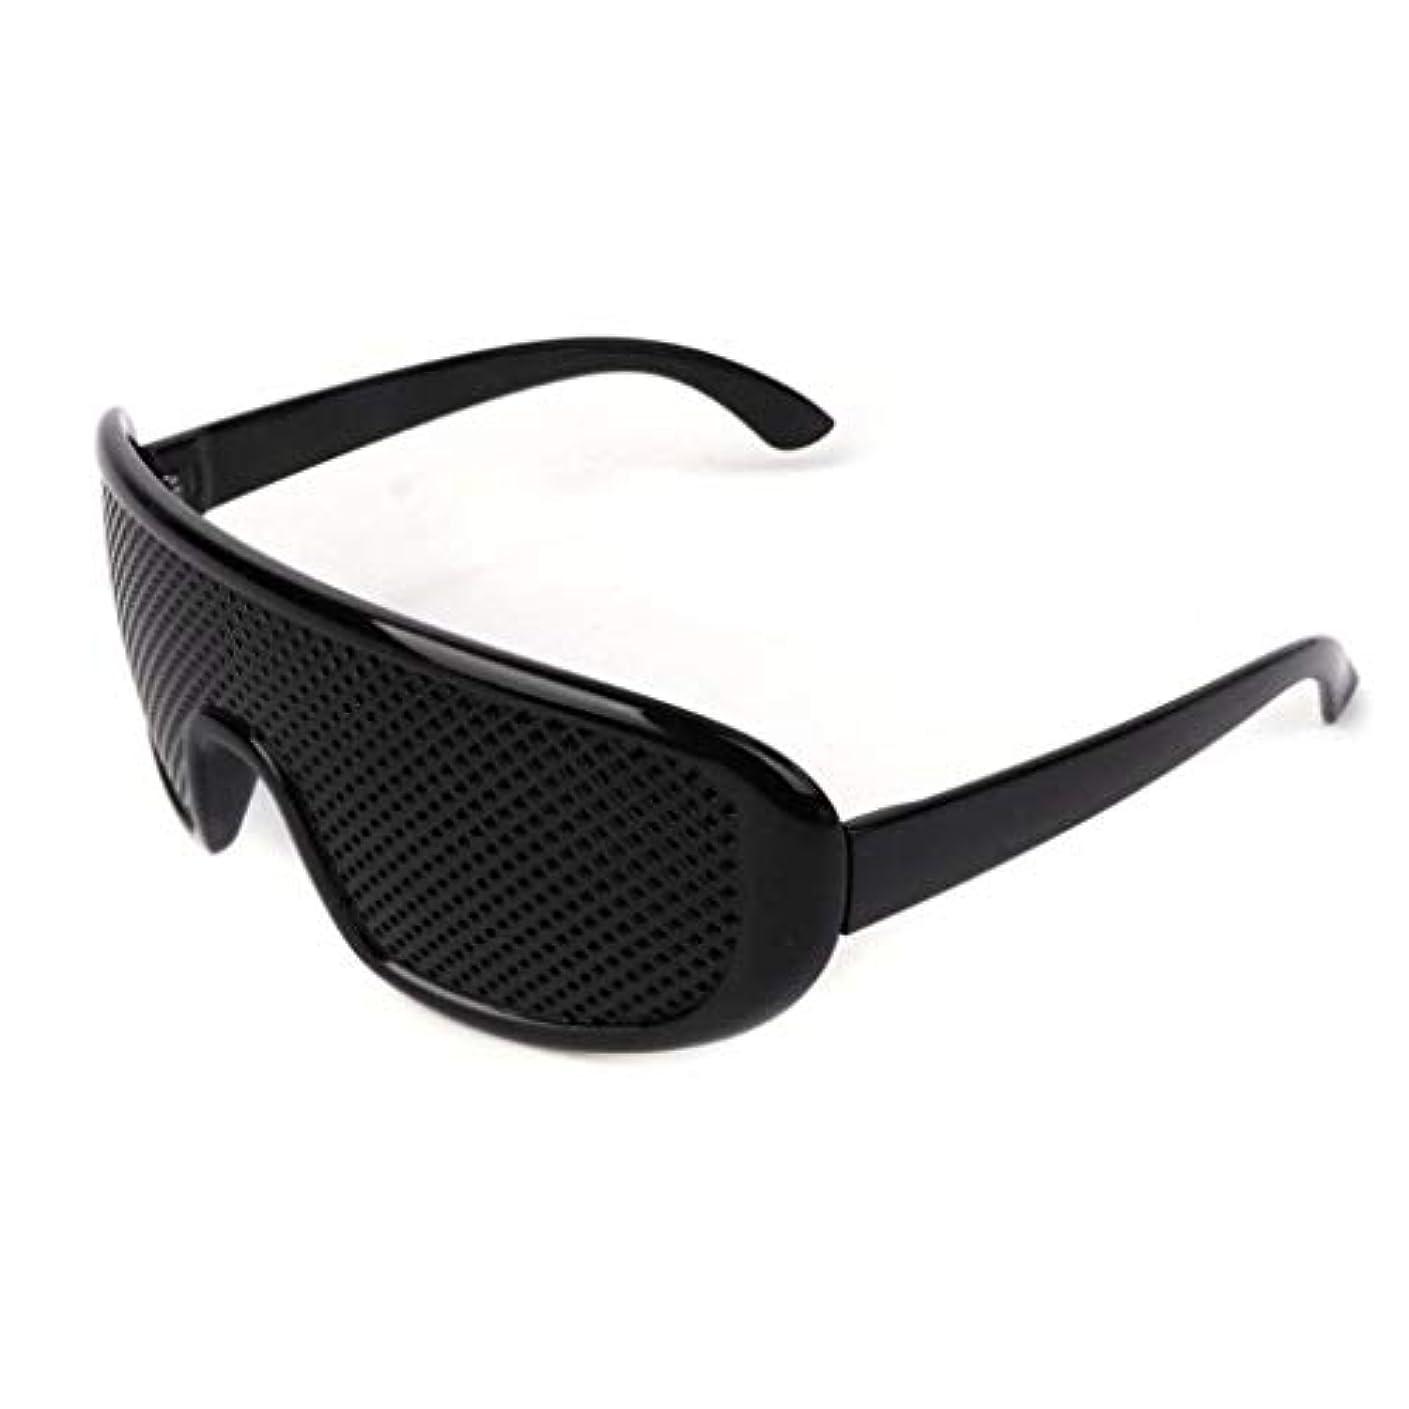 無許可プリーツ判定ピンホールメガネ、視力矯正メガネ網状視力保護メガネ耐疲労性メガネ近視の防止メガネの改善